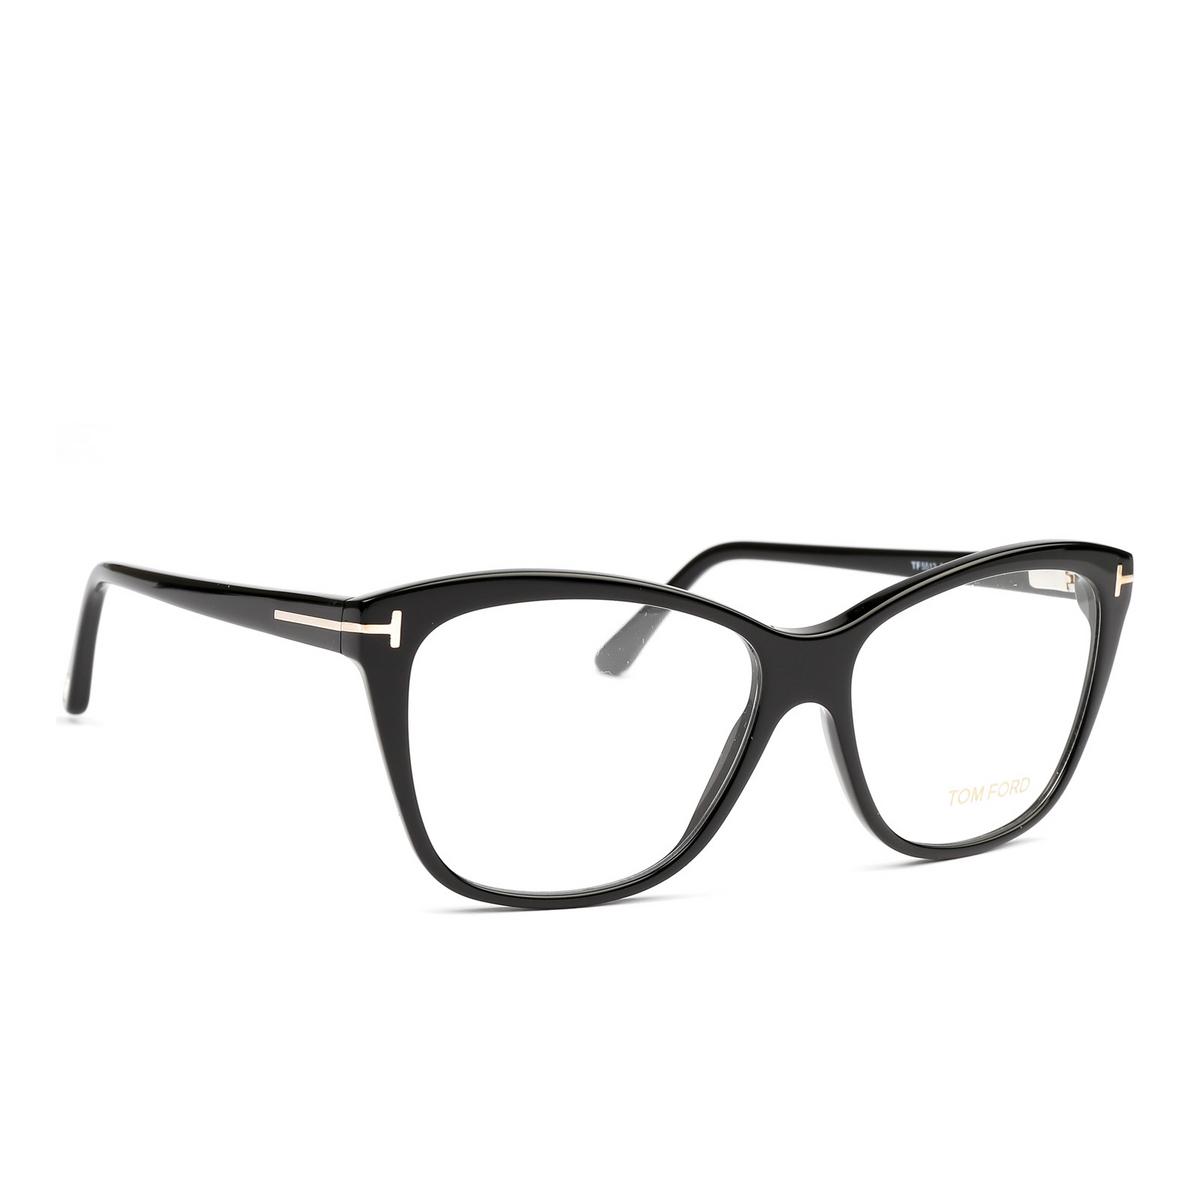 Tom Ford® Square Eyeglasses: FT5512 color Black 001 - three-quarters view.